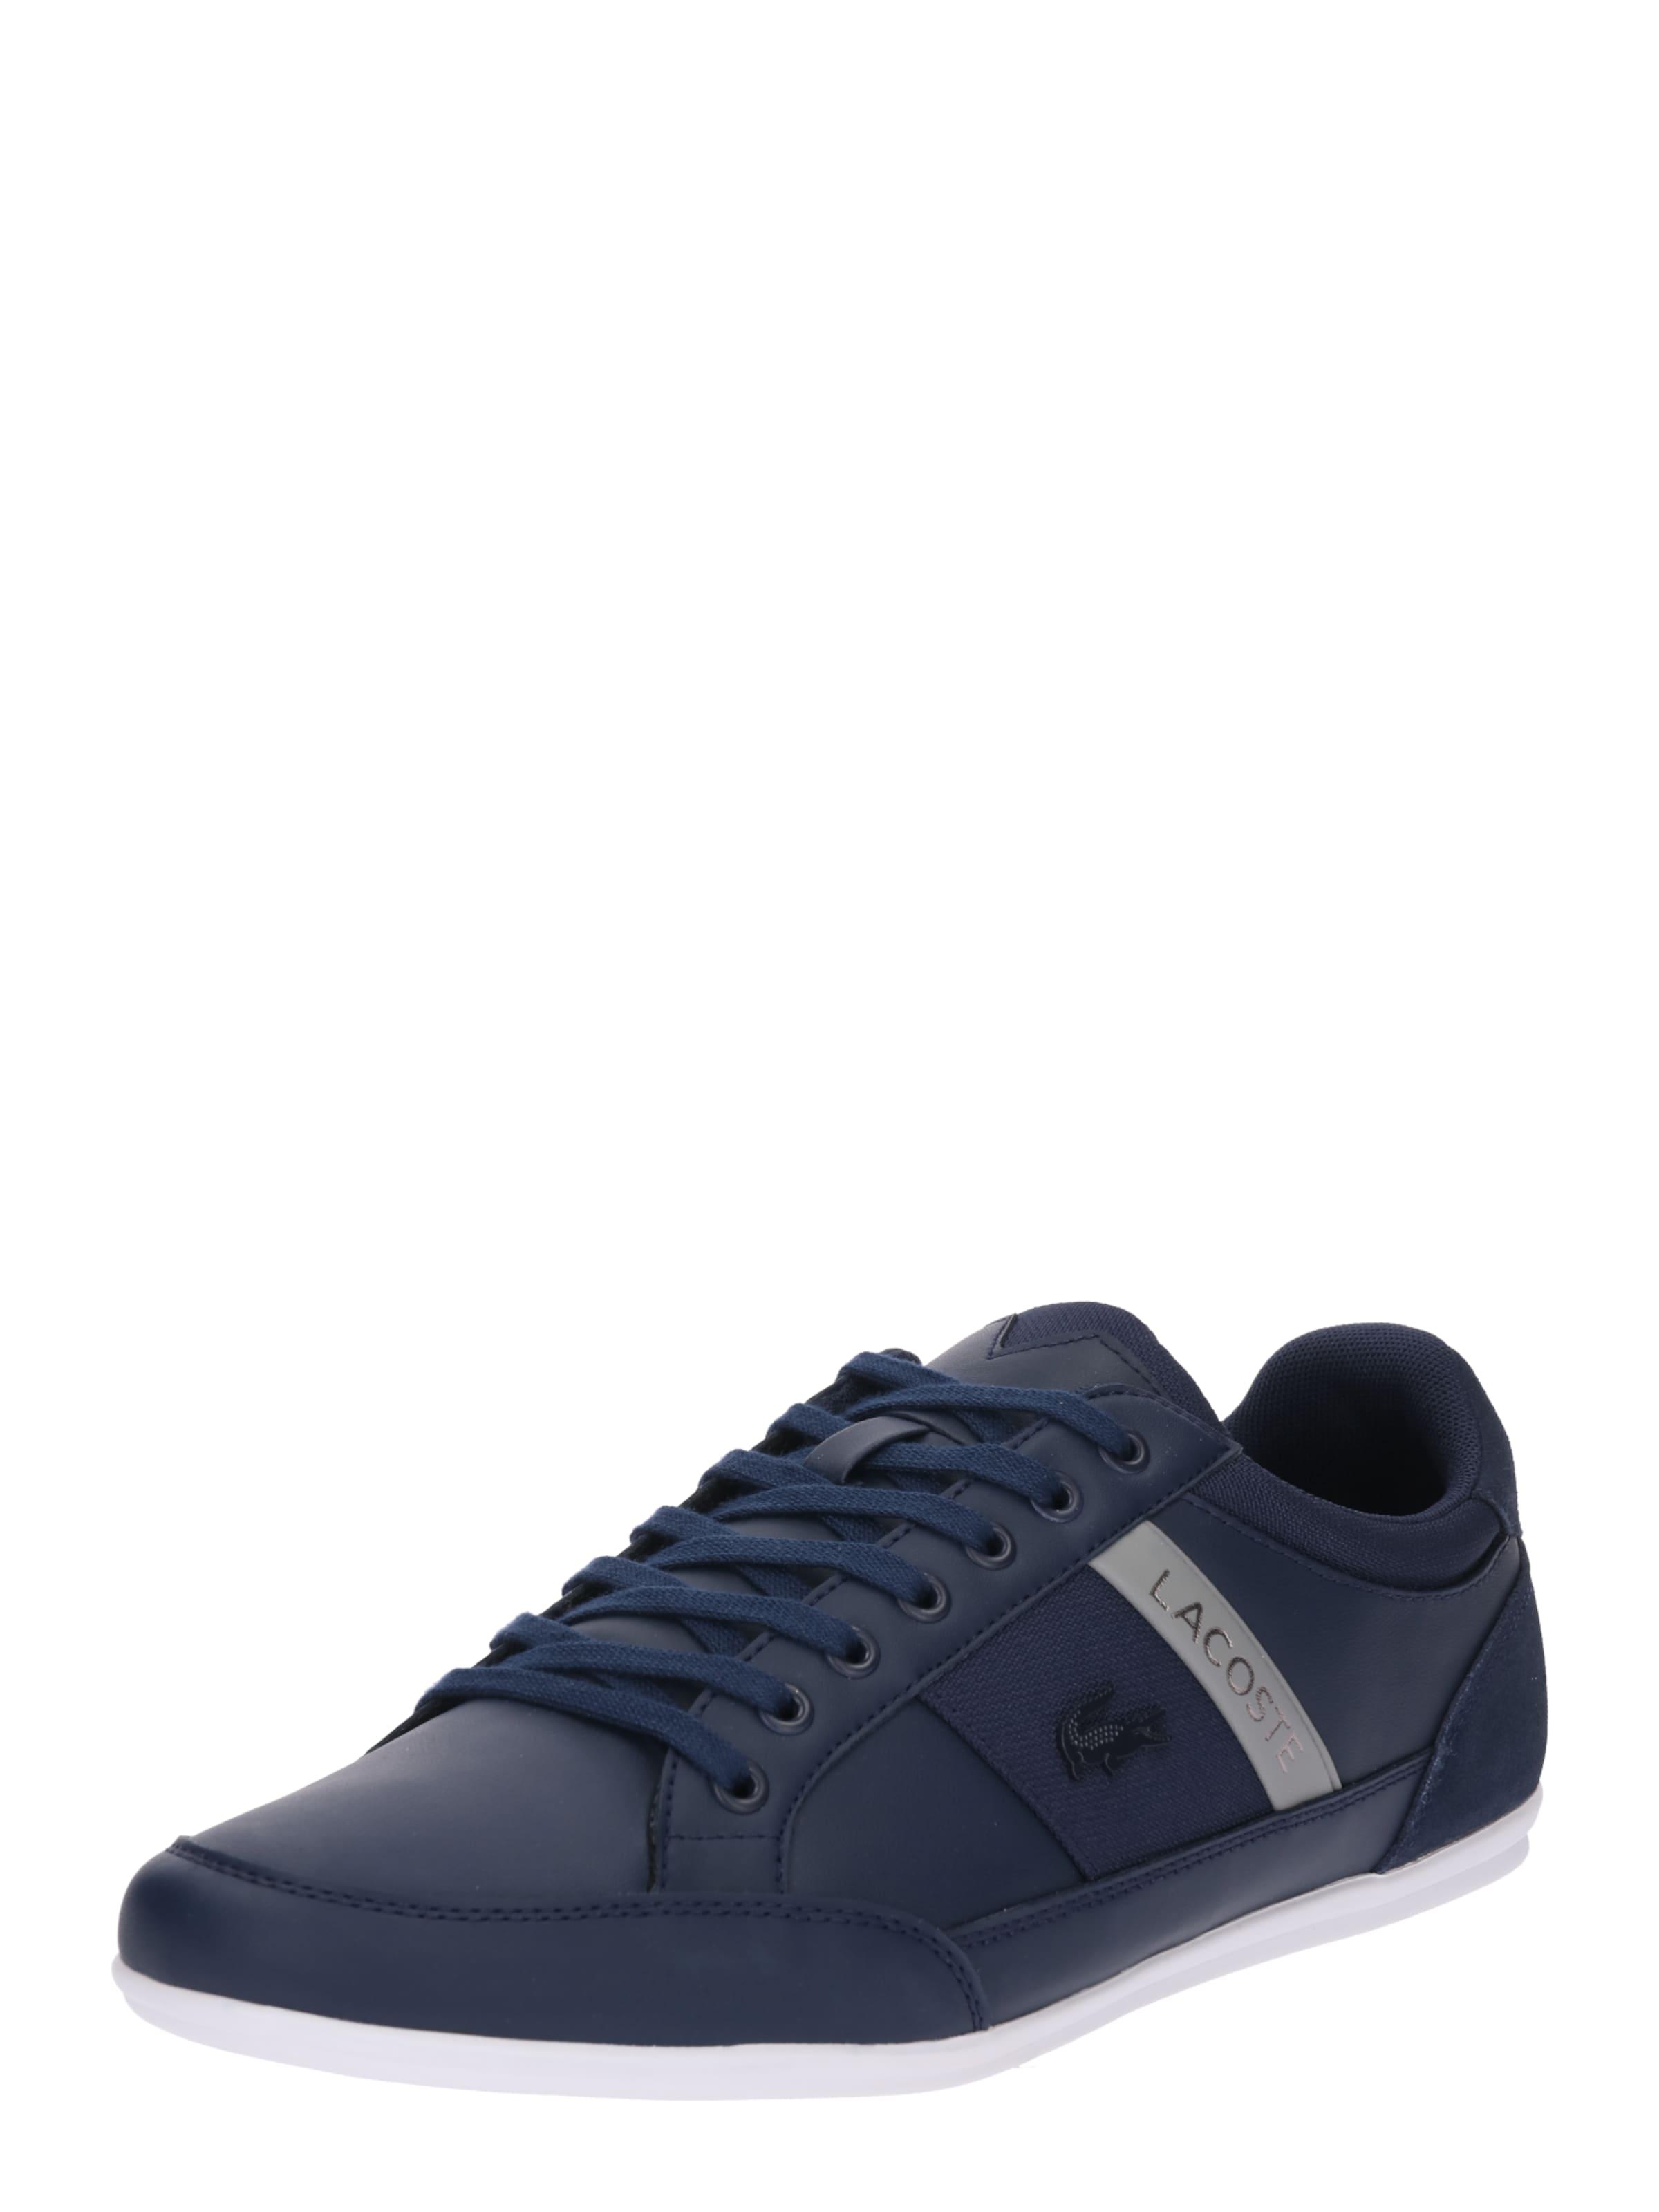 LACOSTE Sneaker Low CHAYMON Verschleißfeste billige Schuhe